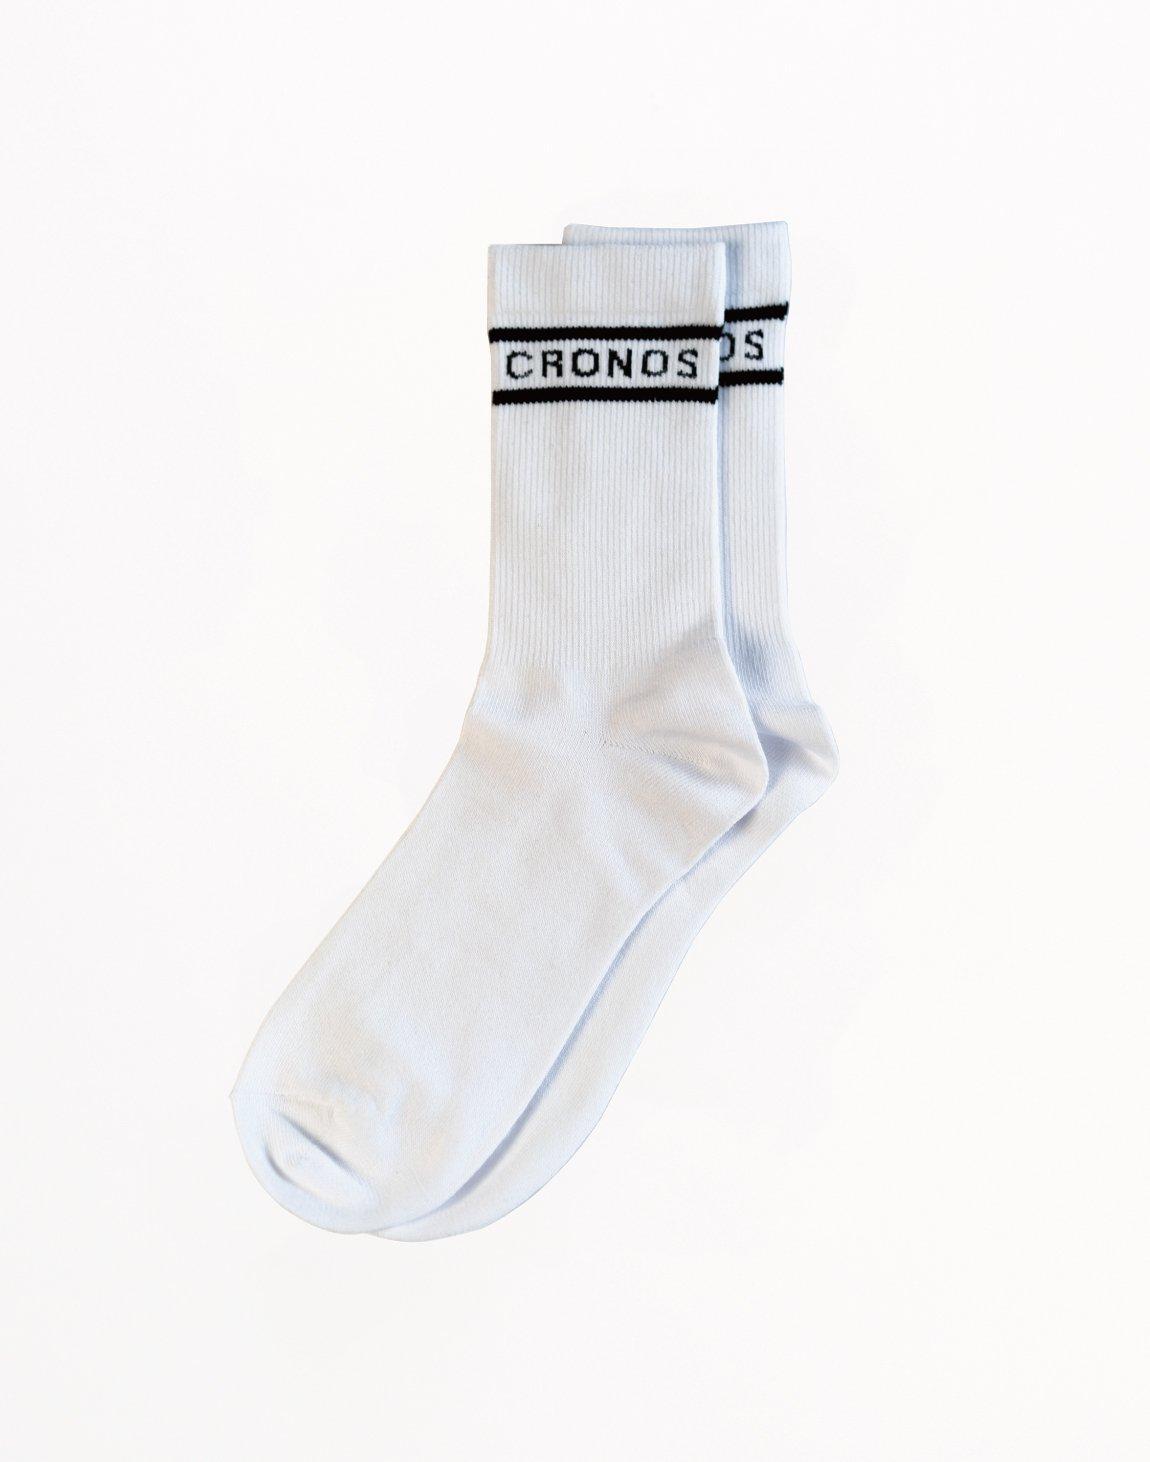 CRONOS Two Border Socks White